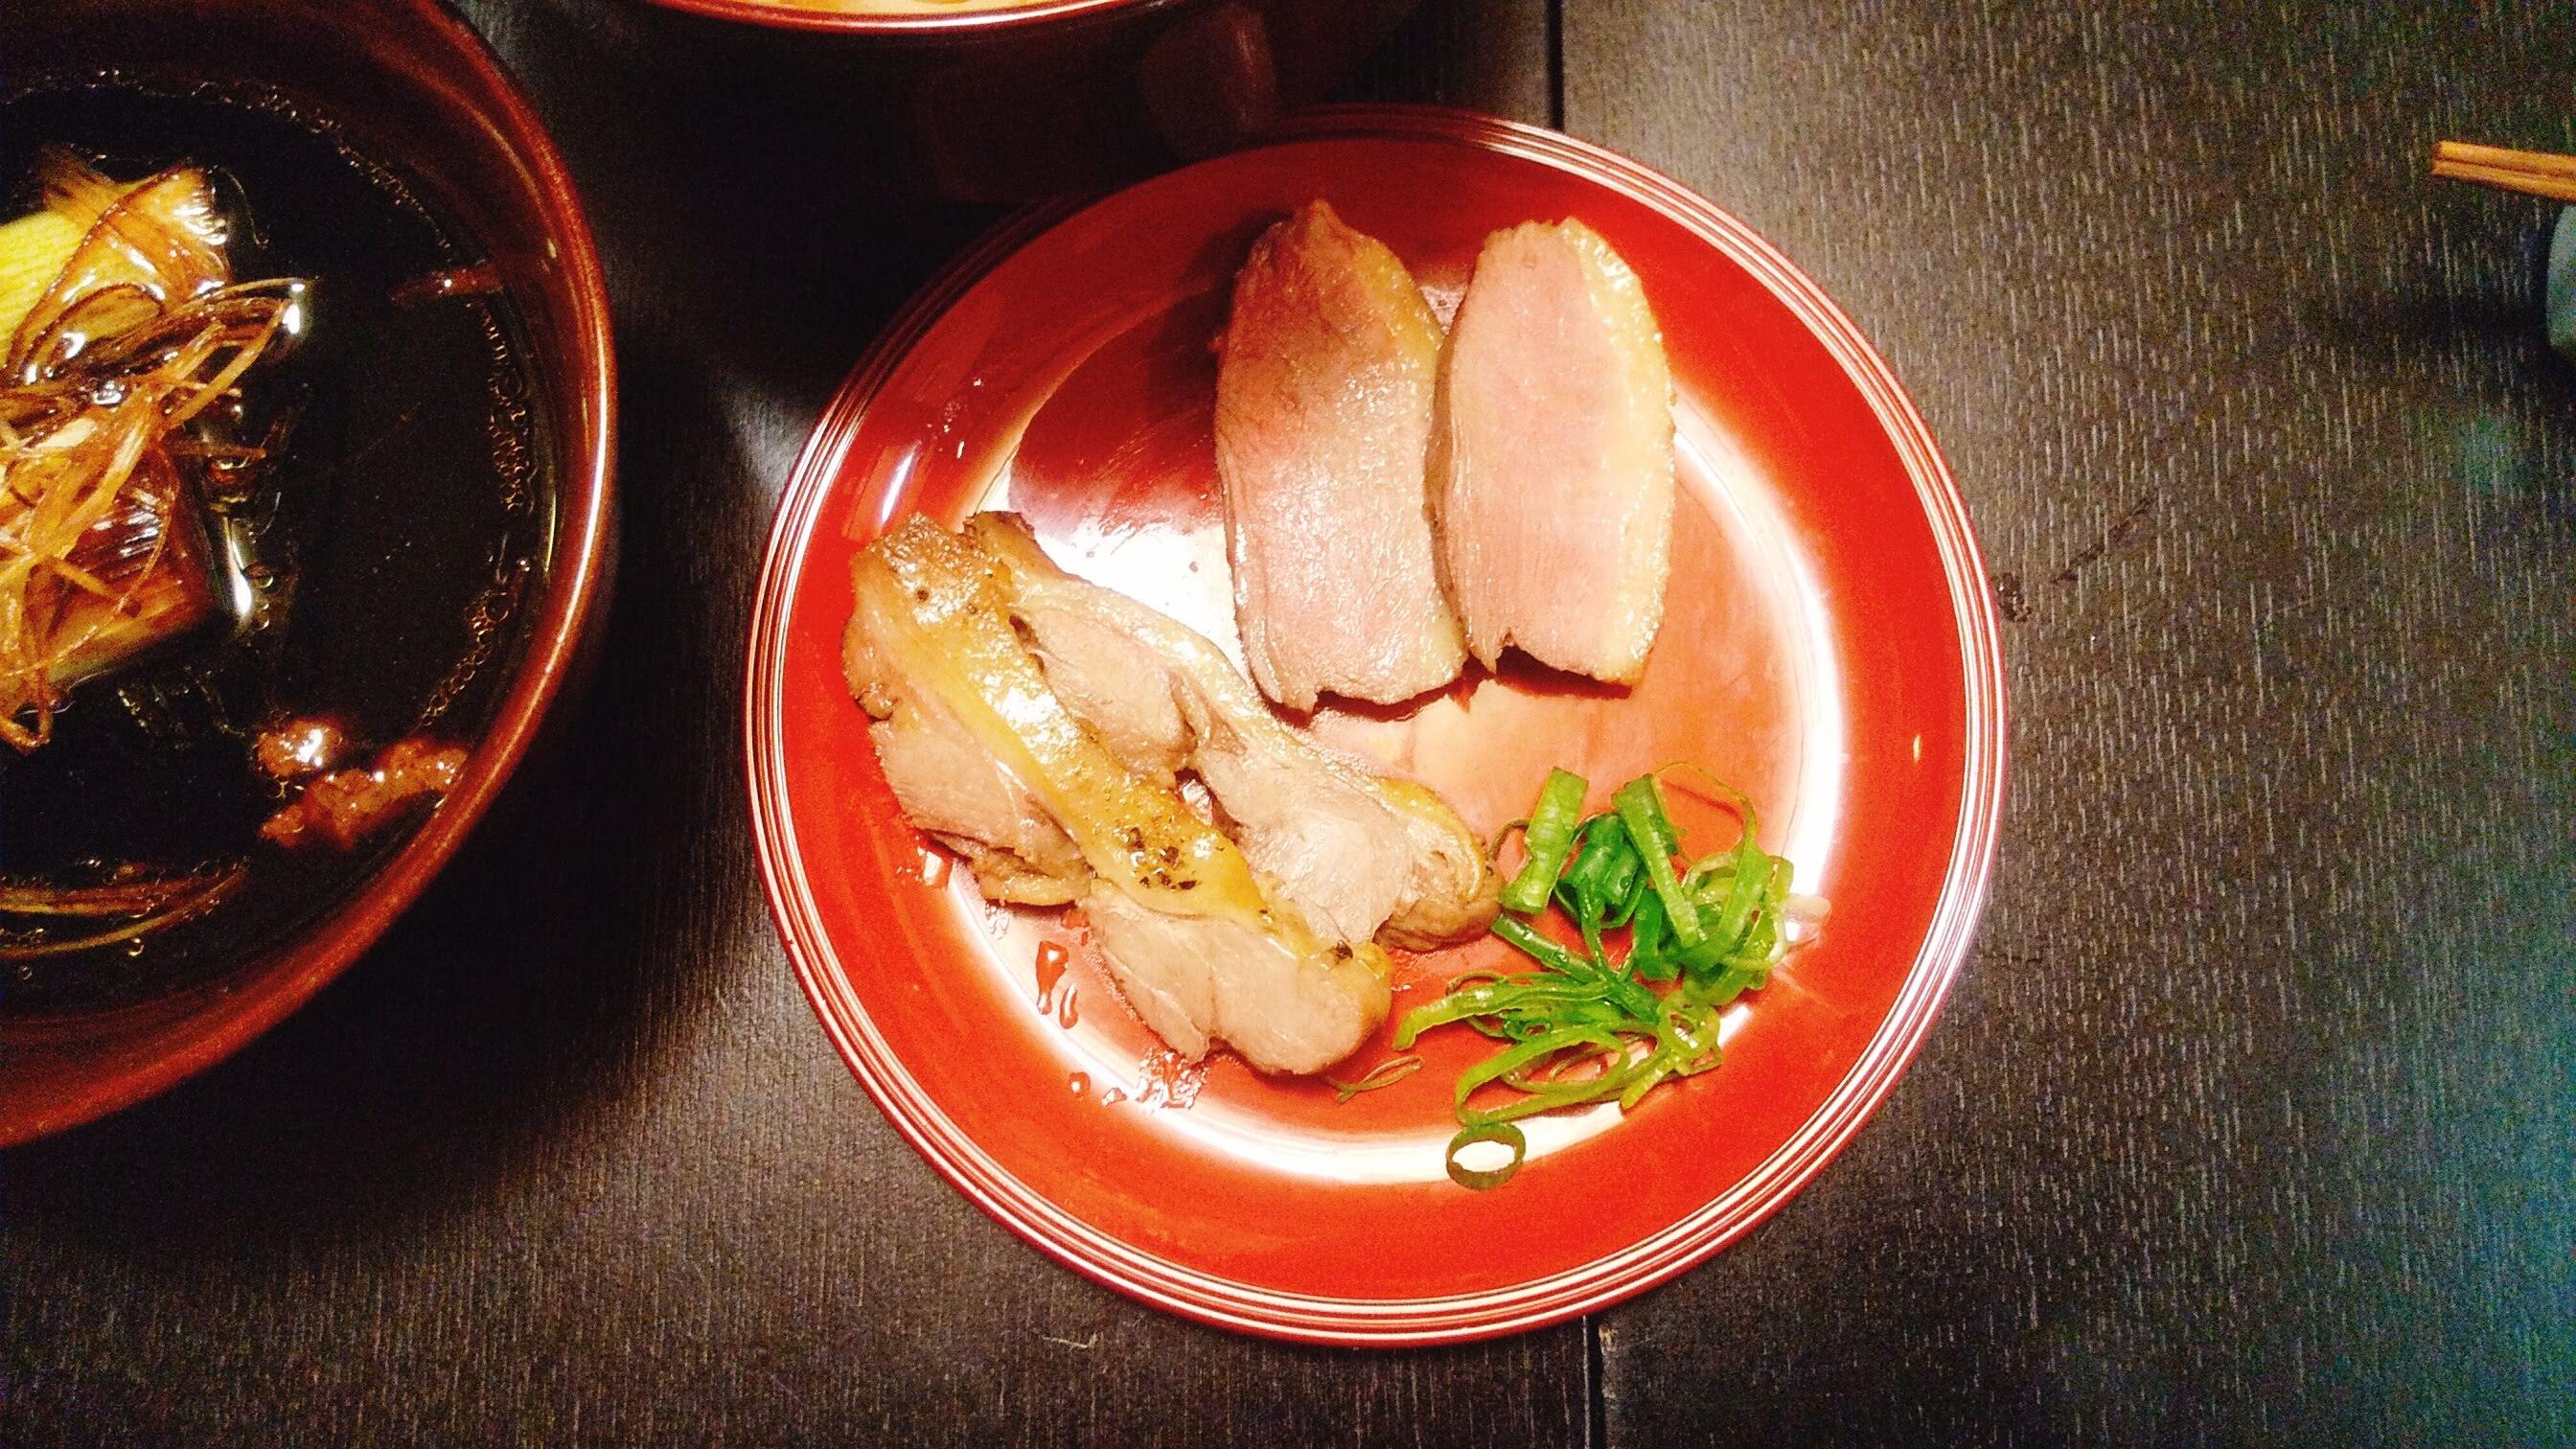 季織亭の手打ち小麦蕎麦の鴨肉の写真